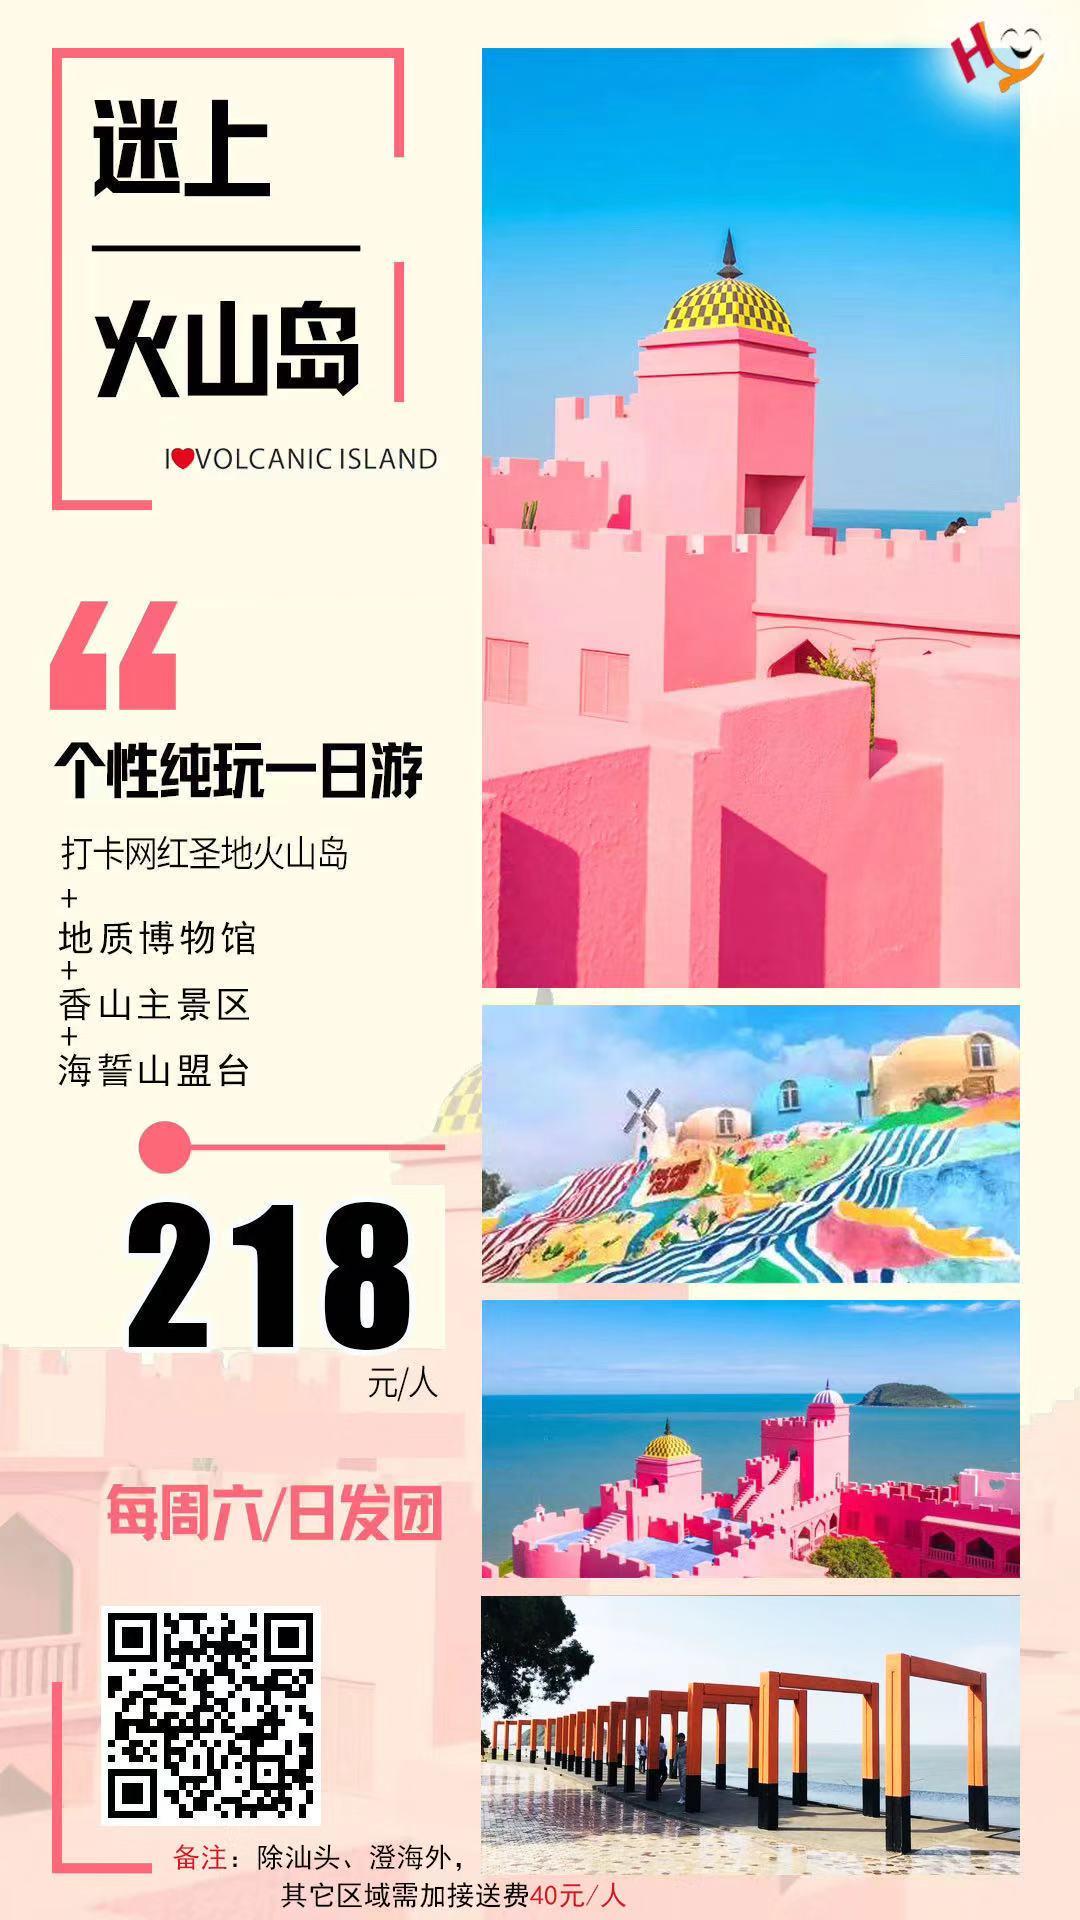 「网红圣地新升级,粉红城堡纪念碑谷」迷上火山岛超美ins网红打卡一天游